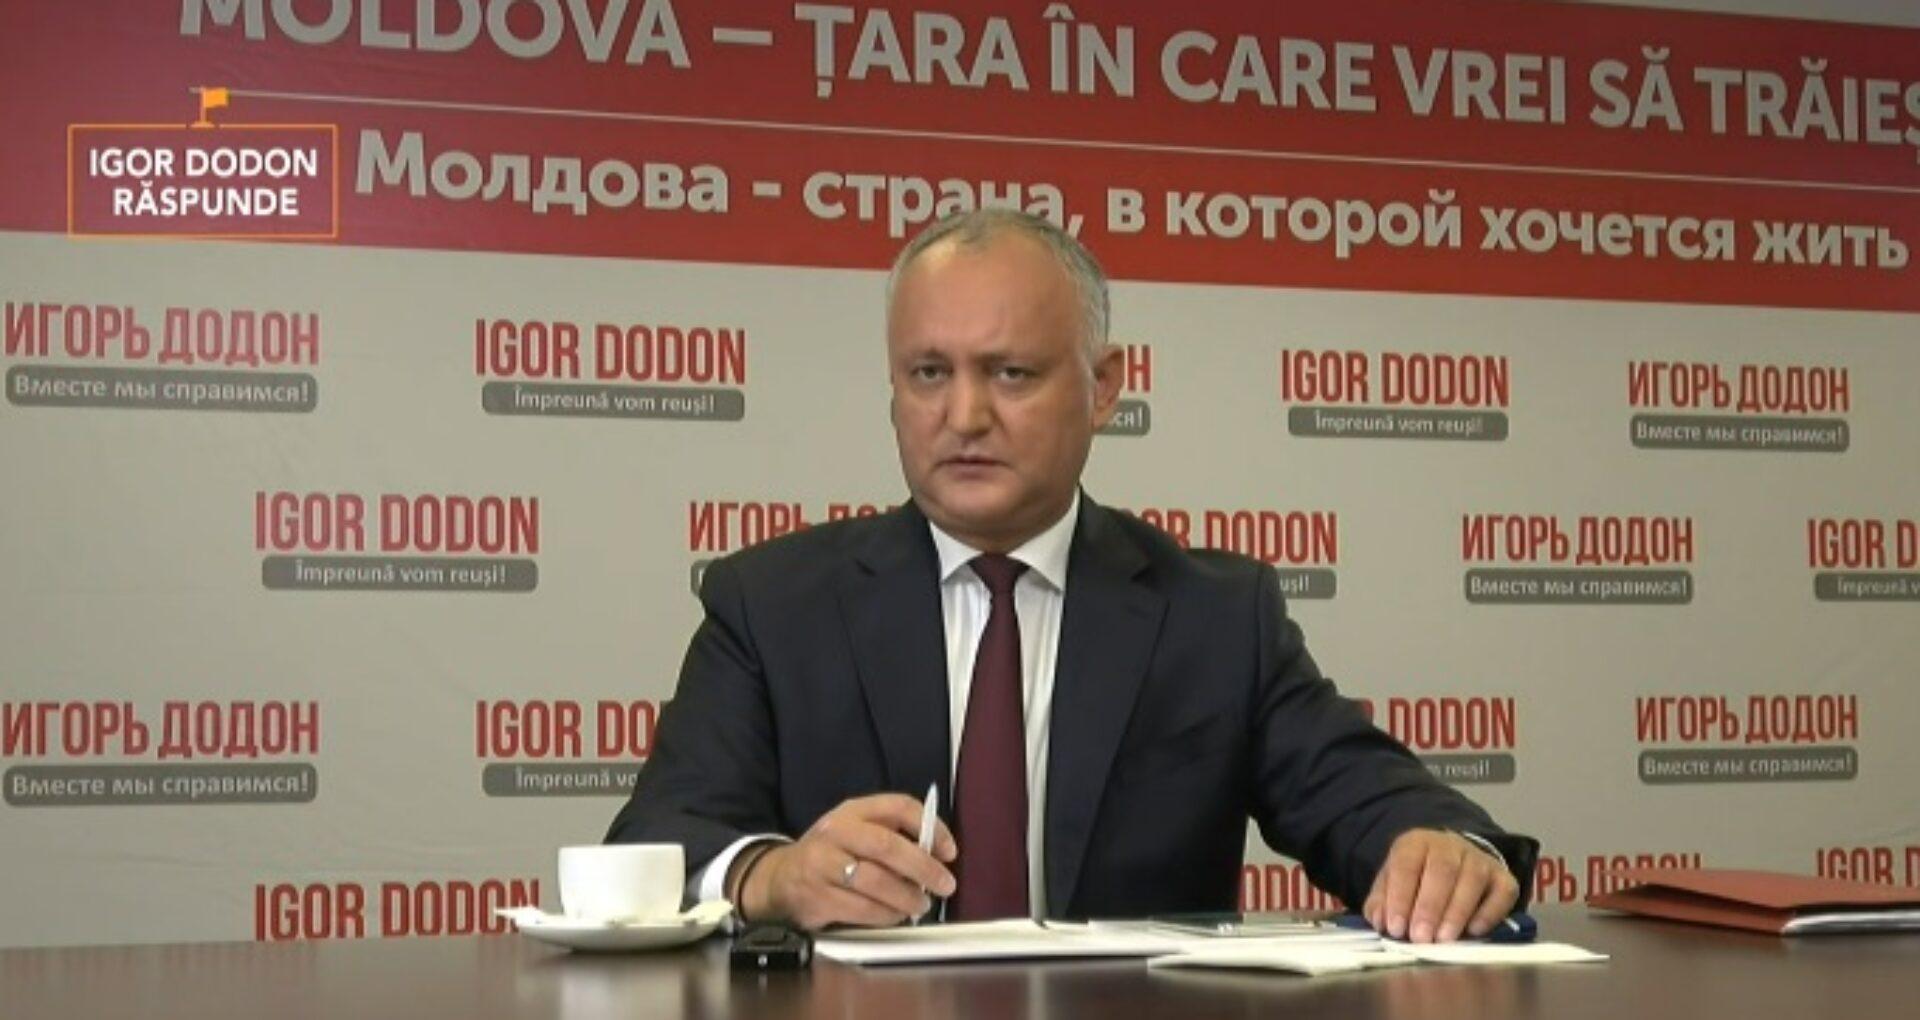 VIDEO/ Igor Dodon vrea republică prezidențială și limba rusă obligatorie în școli